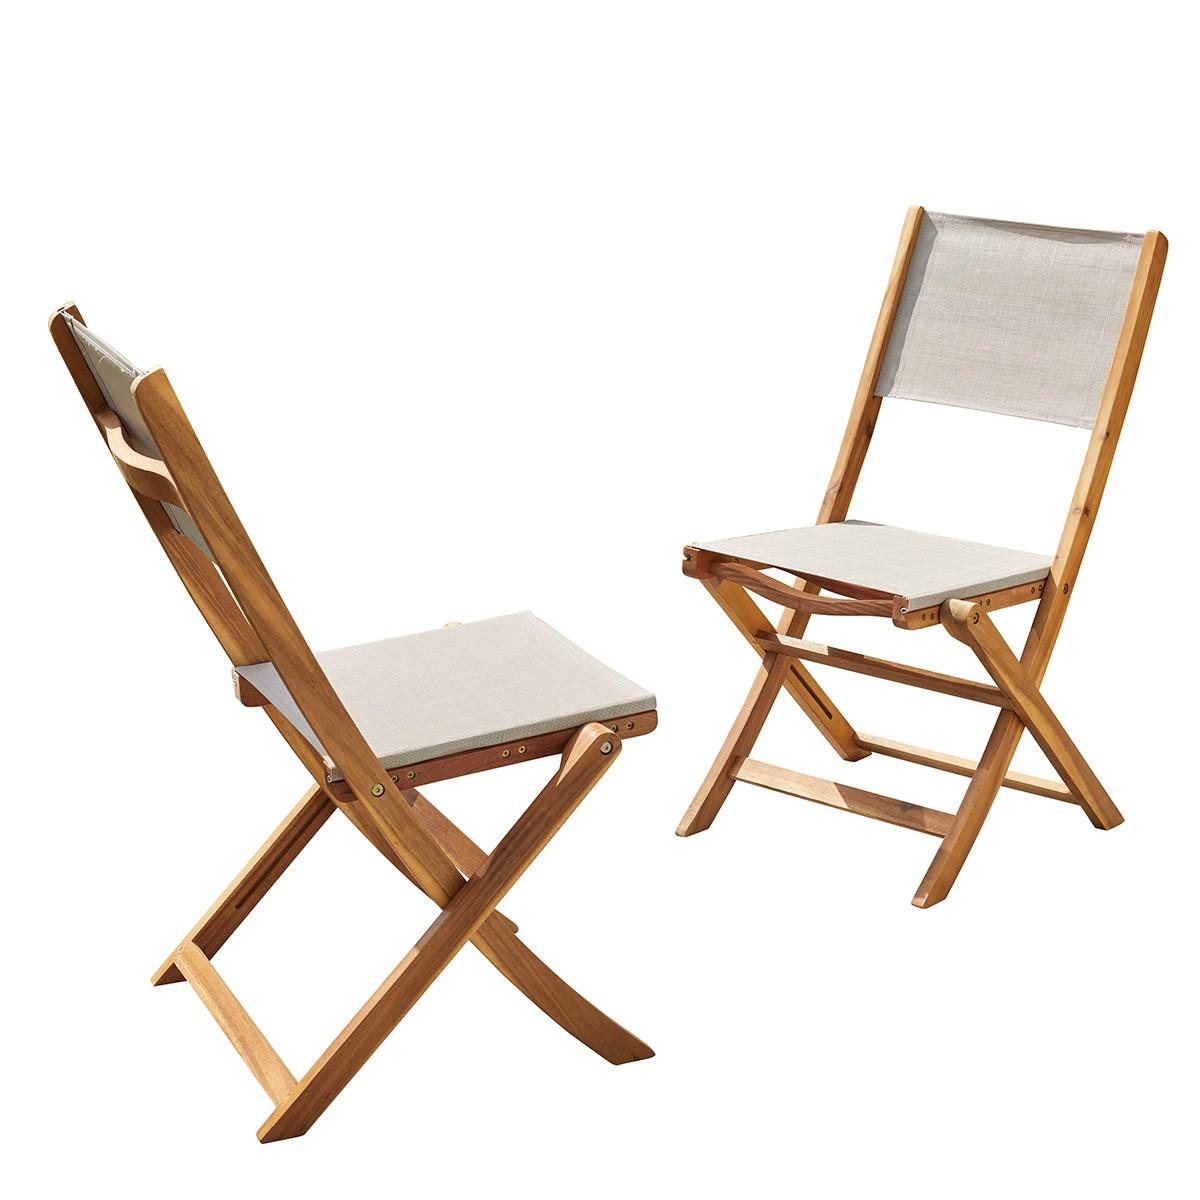 2 chaises pliantes en bois d'acacia et textilène